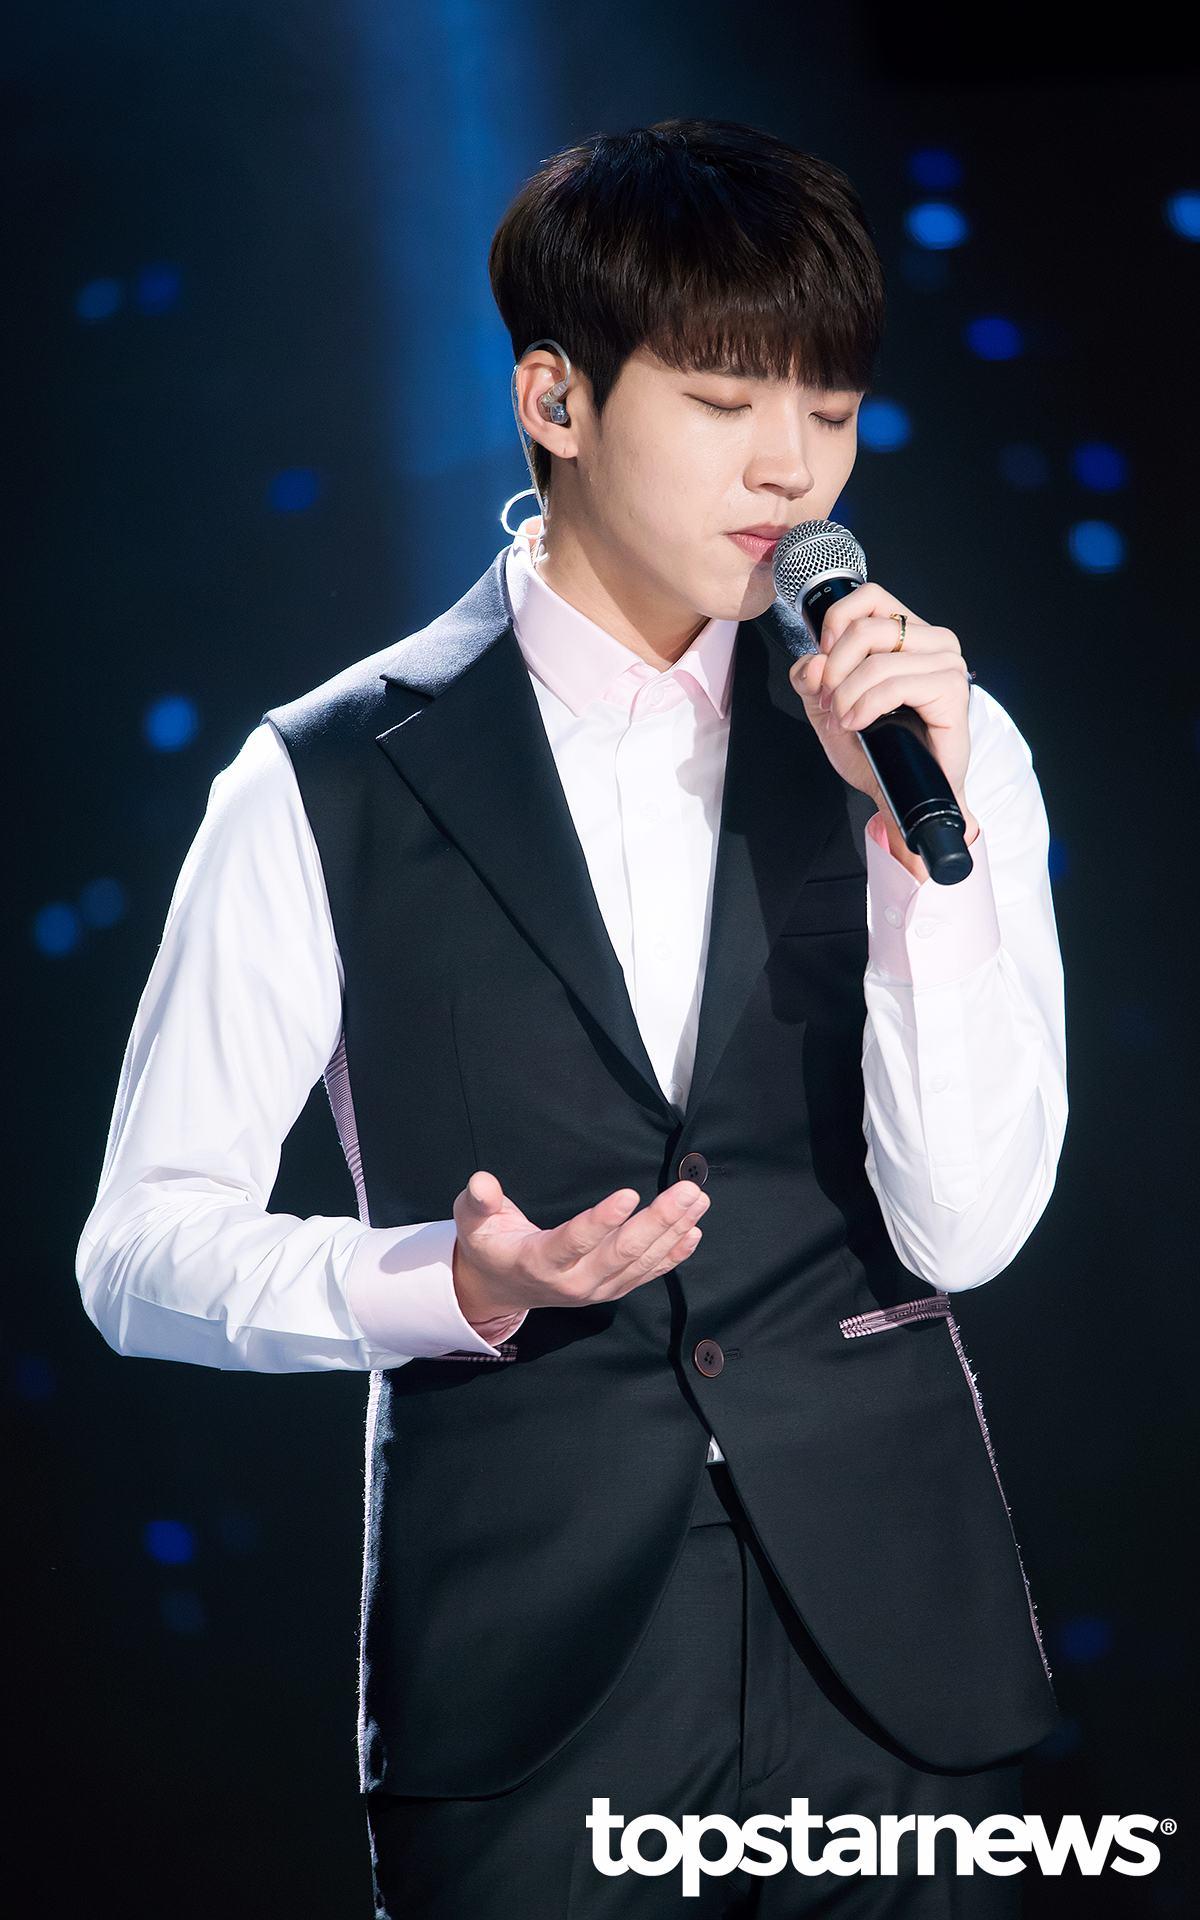 優鉉的實力更是被認可!像是日前他上KBS《不朽的名曲2》演唱前輩金正民的《最後的約定》,竟然奪下了所有參加的「偶像歌手」中的最高分,439分的成績!